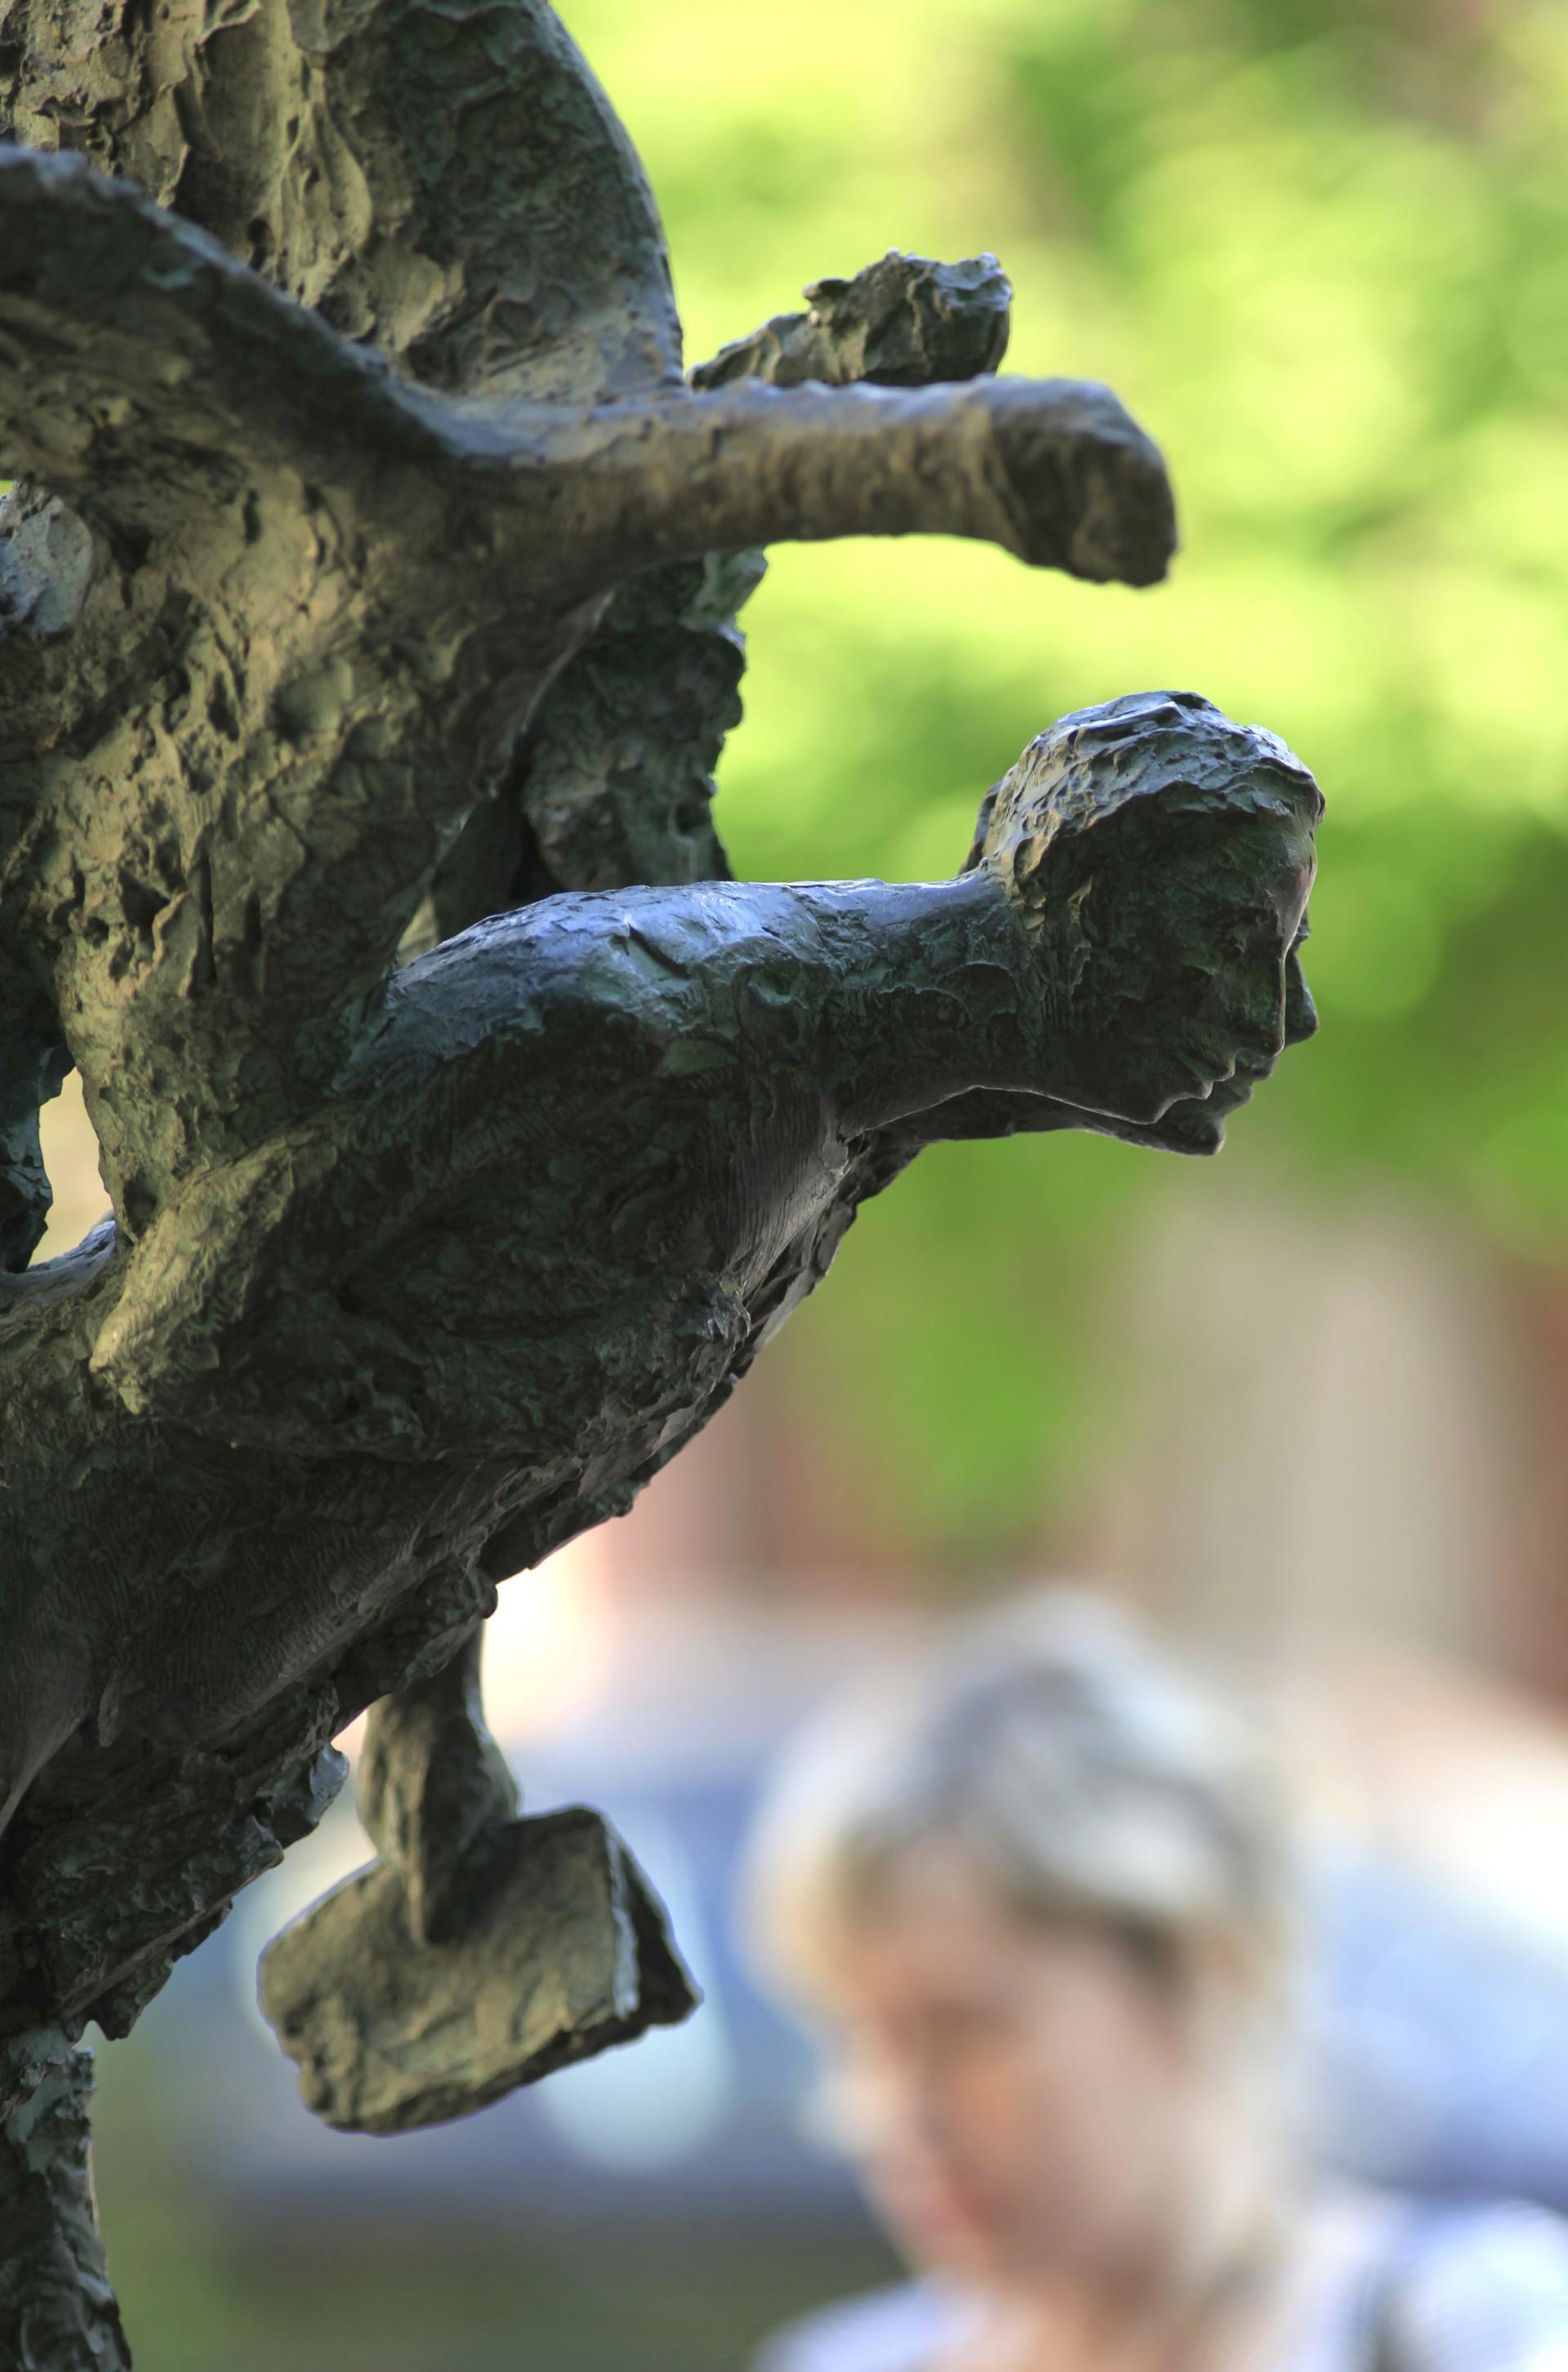 Inaugurazione del monumento a Osip e Nadezhda Mandelshtam (la Statua dell'Amore) nel cortile dell'Università statale di San Pietroburgo